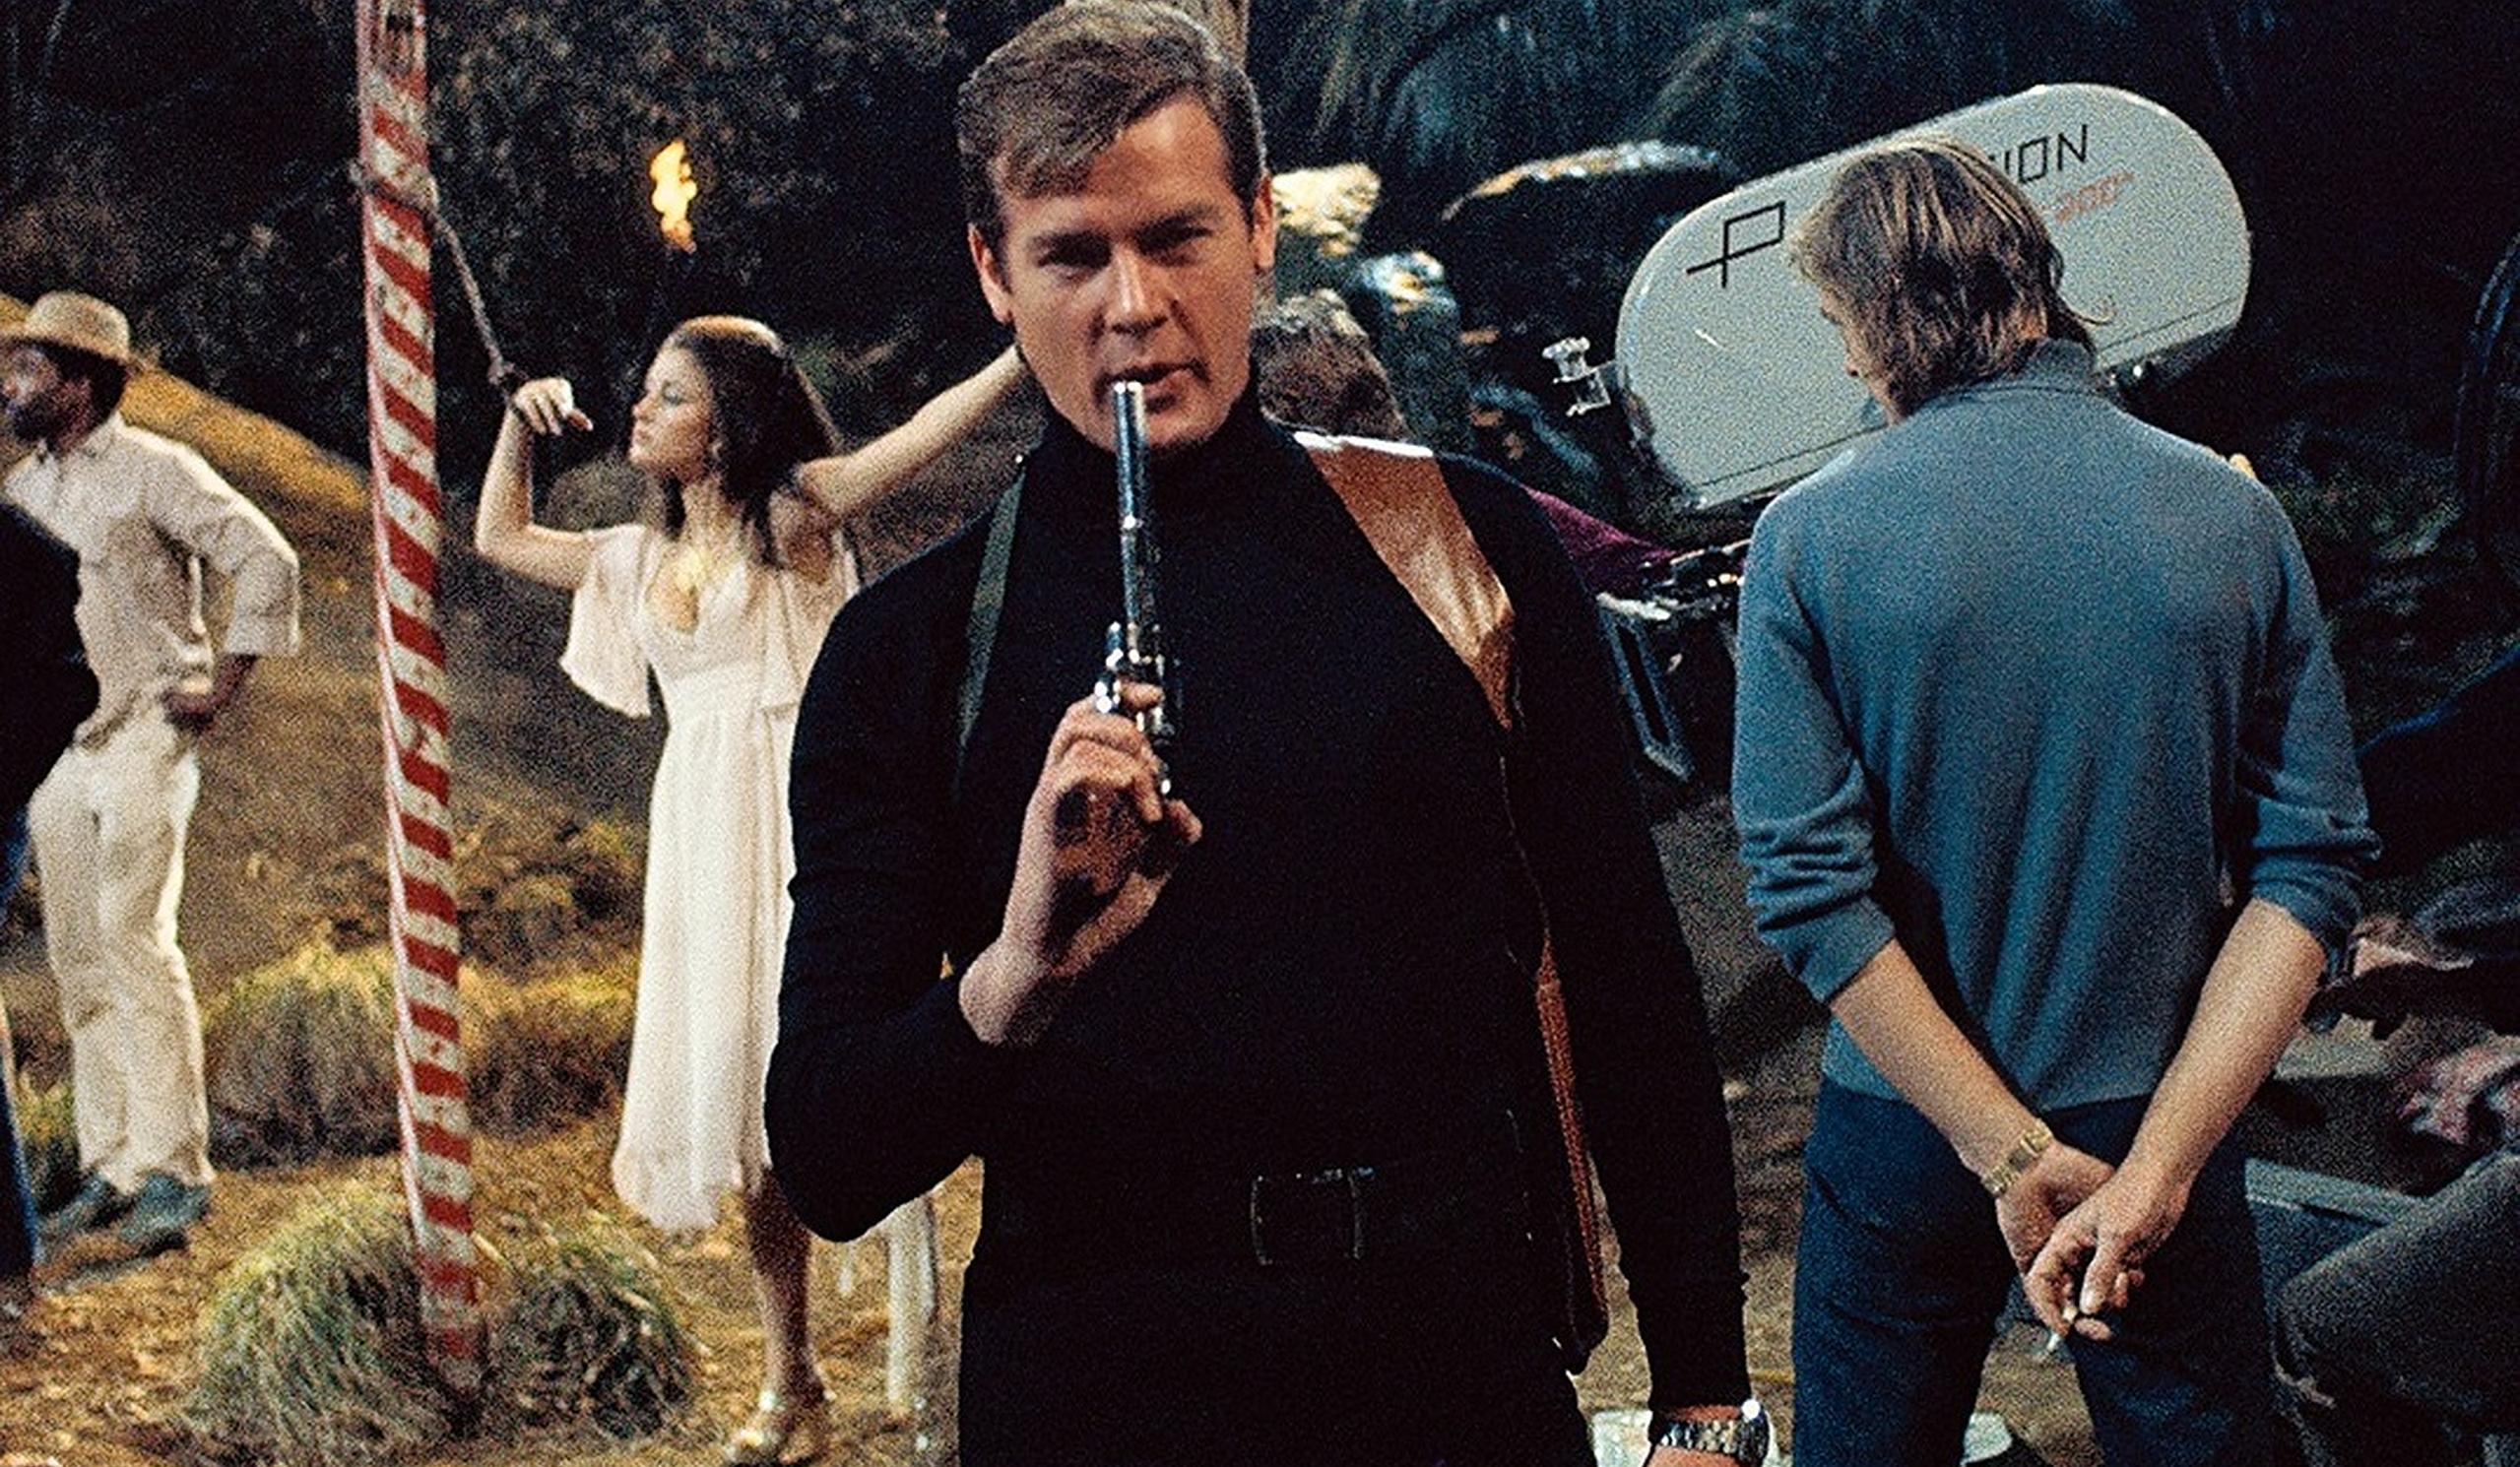 Amazon cumpără cu 8,5 miliarde de dolari studiorile de film MGM, care au produs franciza James Bond